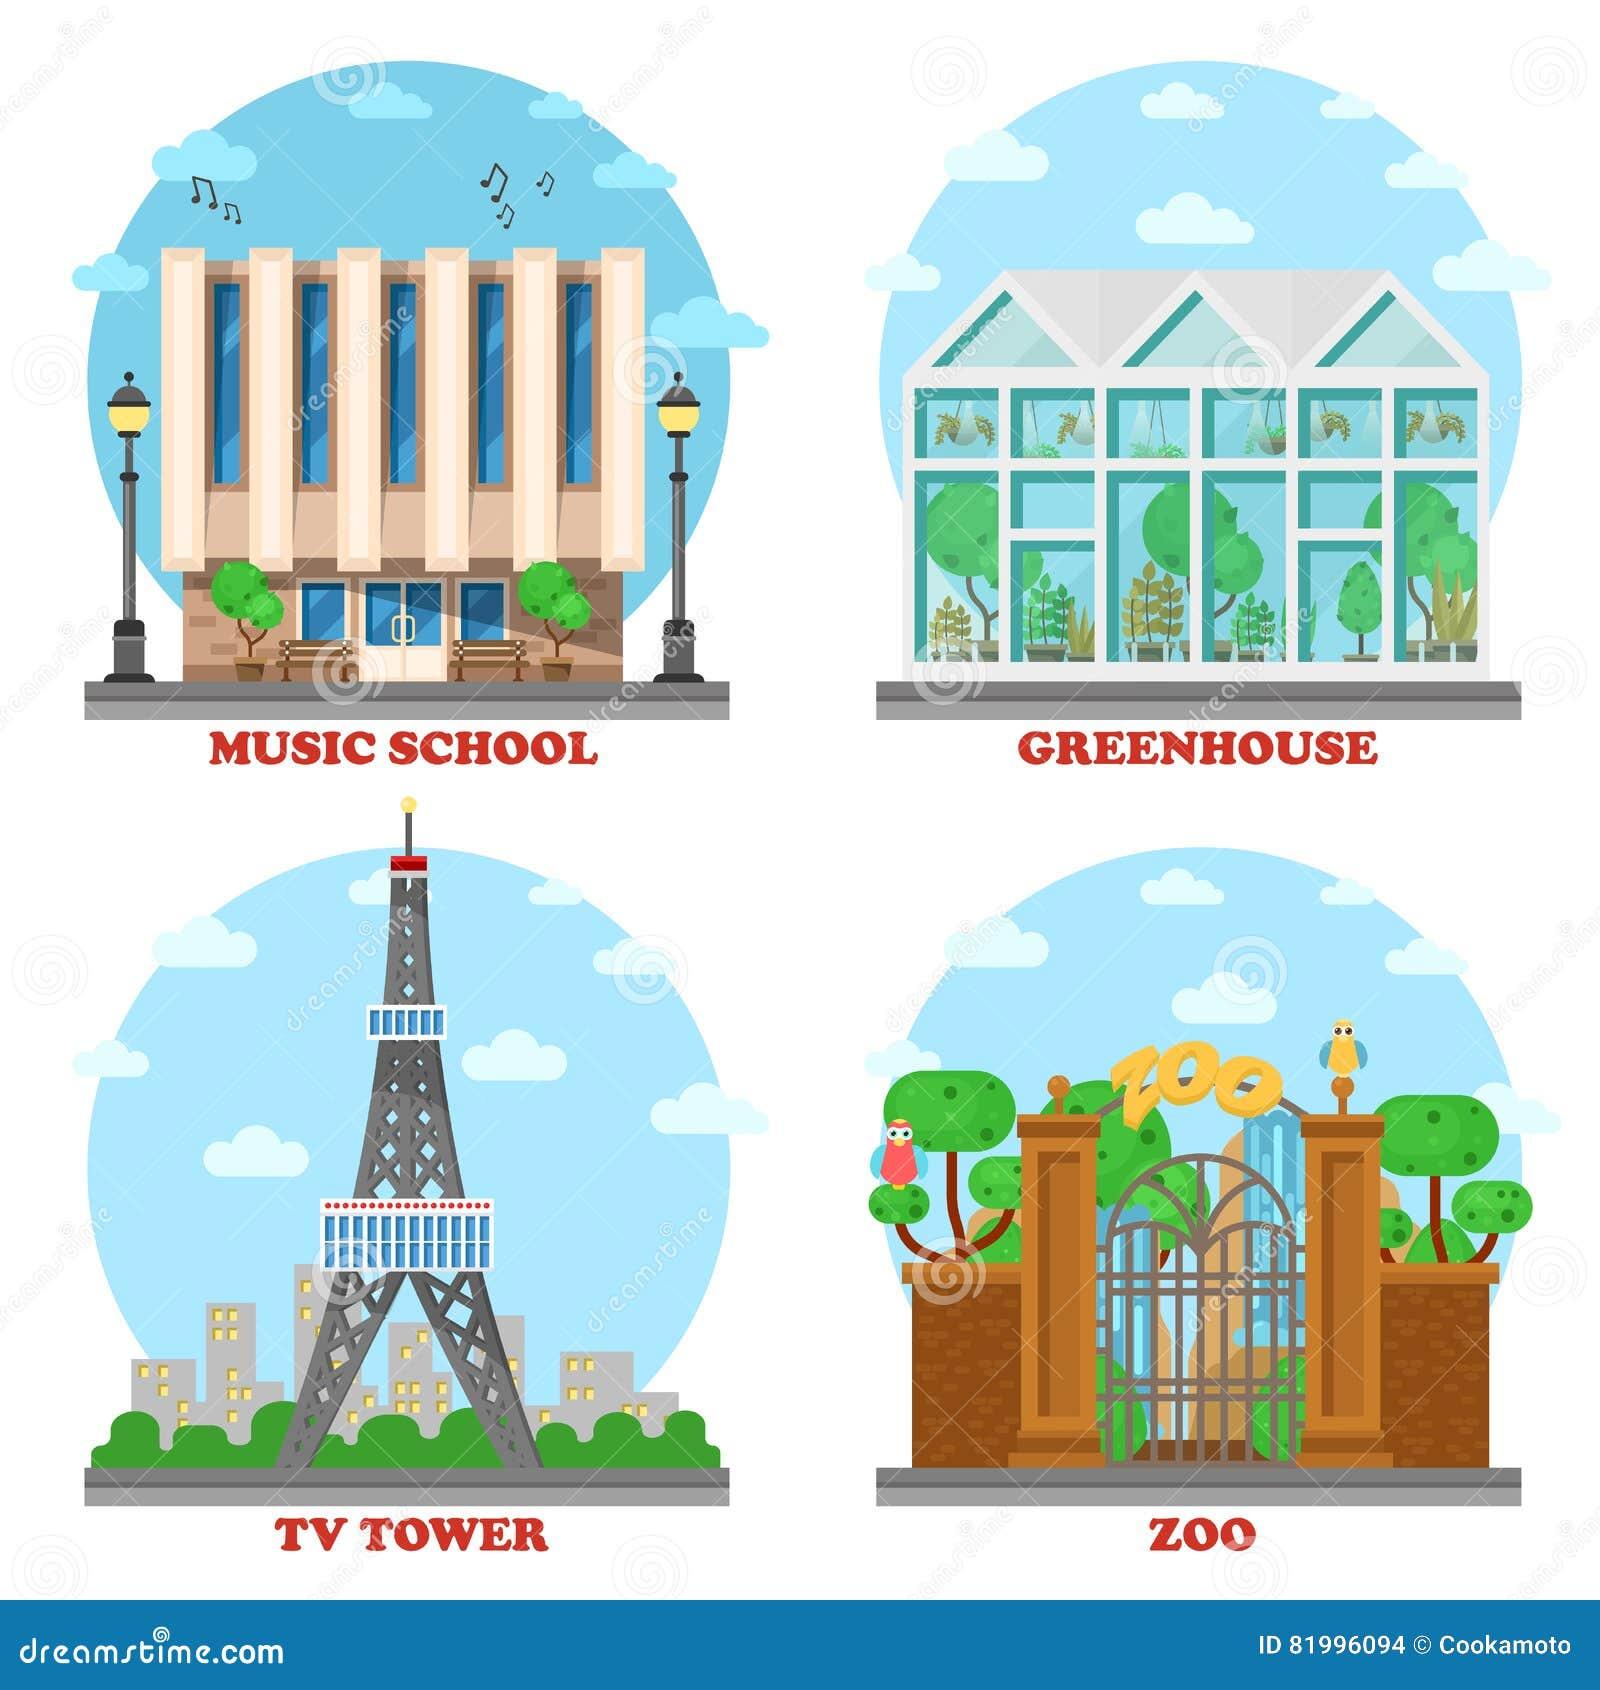 电视台和音乐学院,动物园,温室